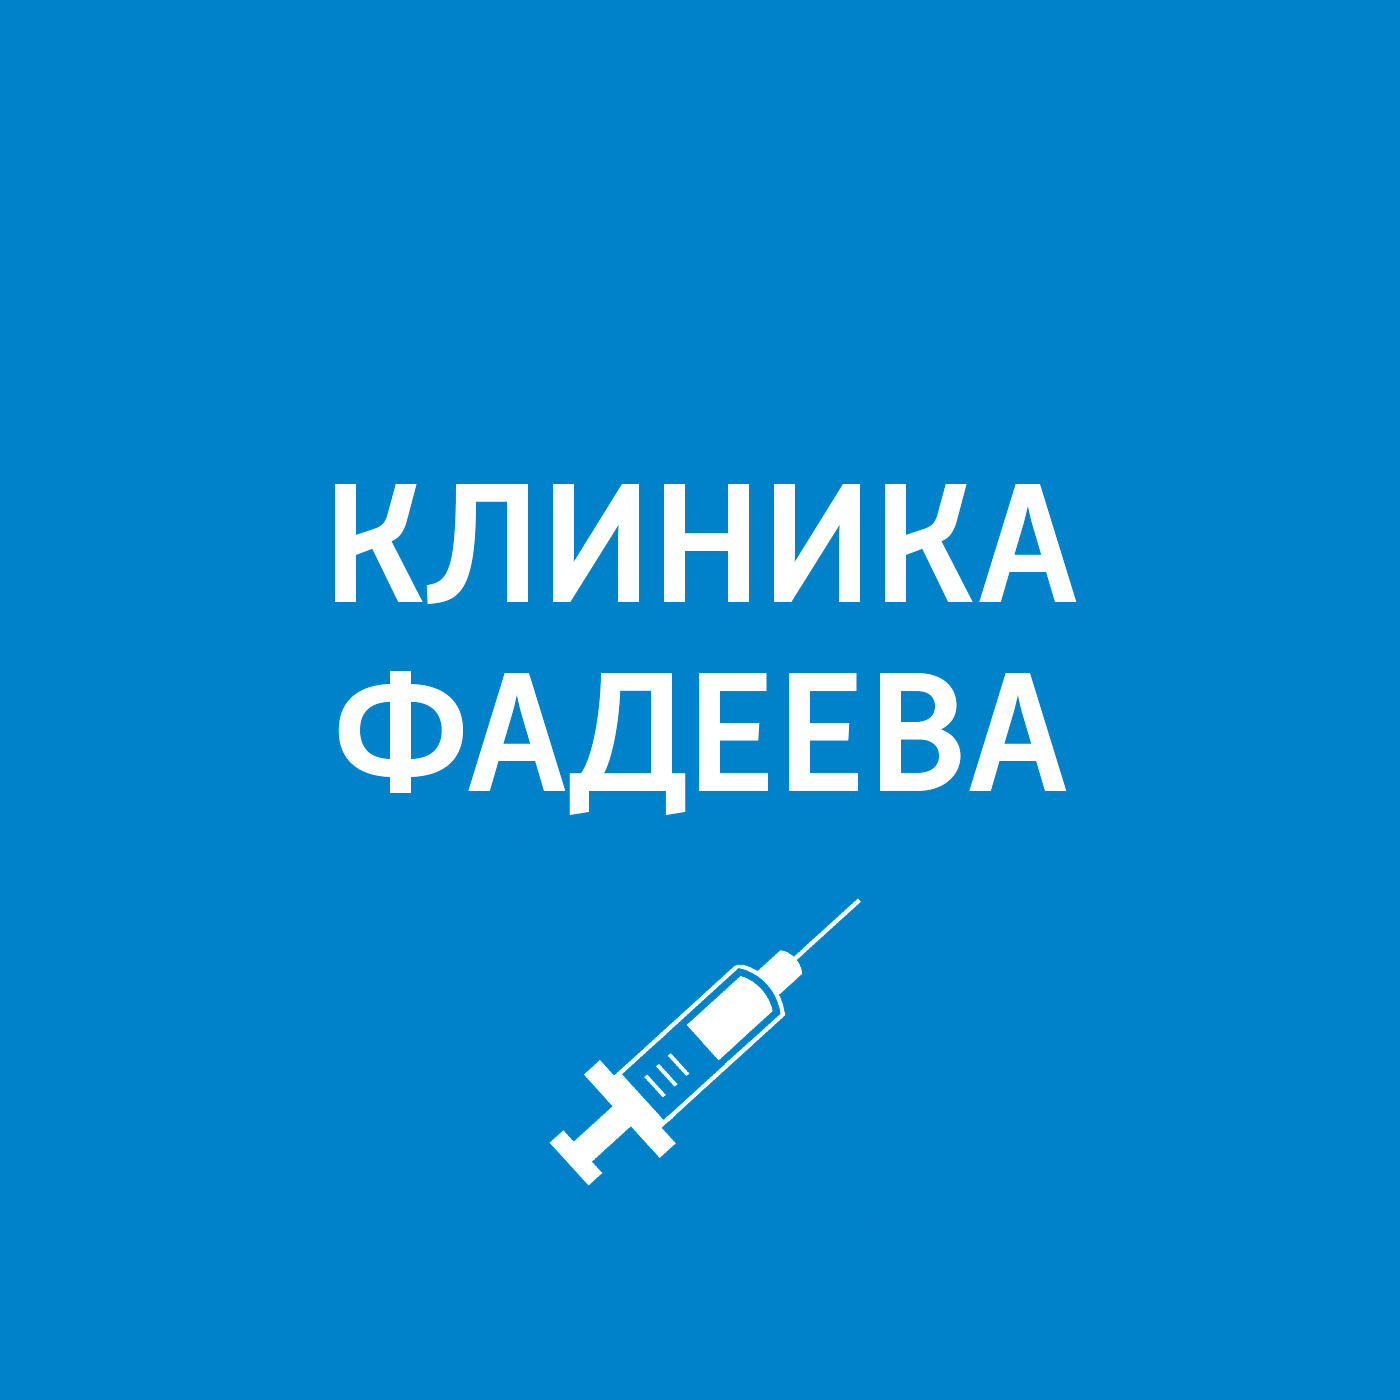 Пётр Фадеев Врач-дерматолог пётр фадеев диеты